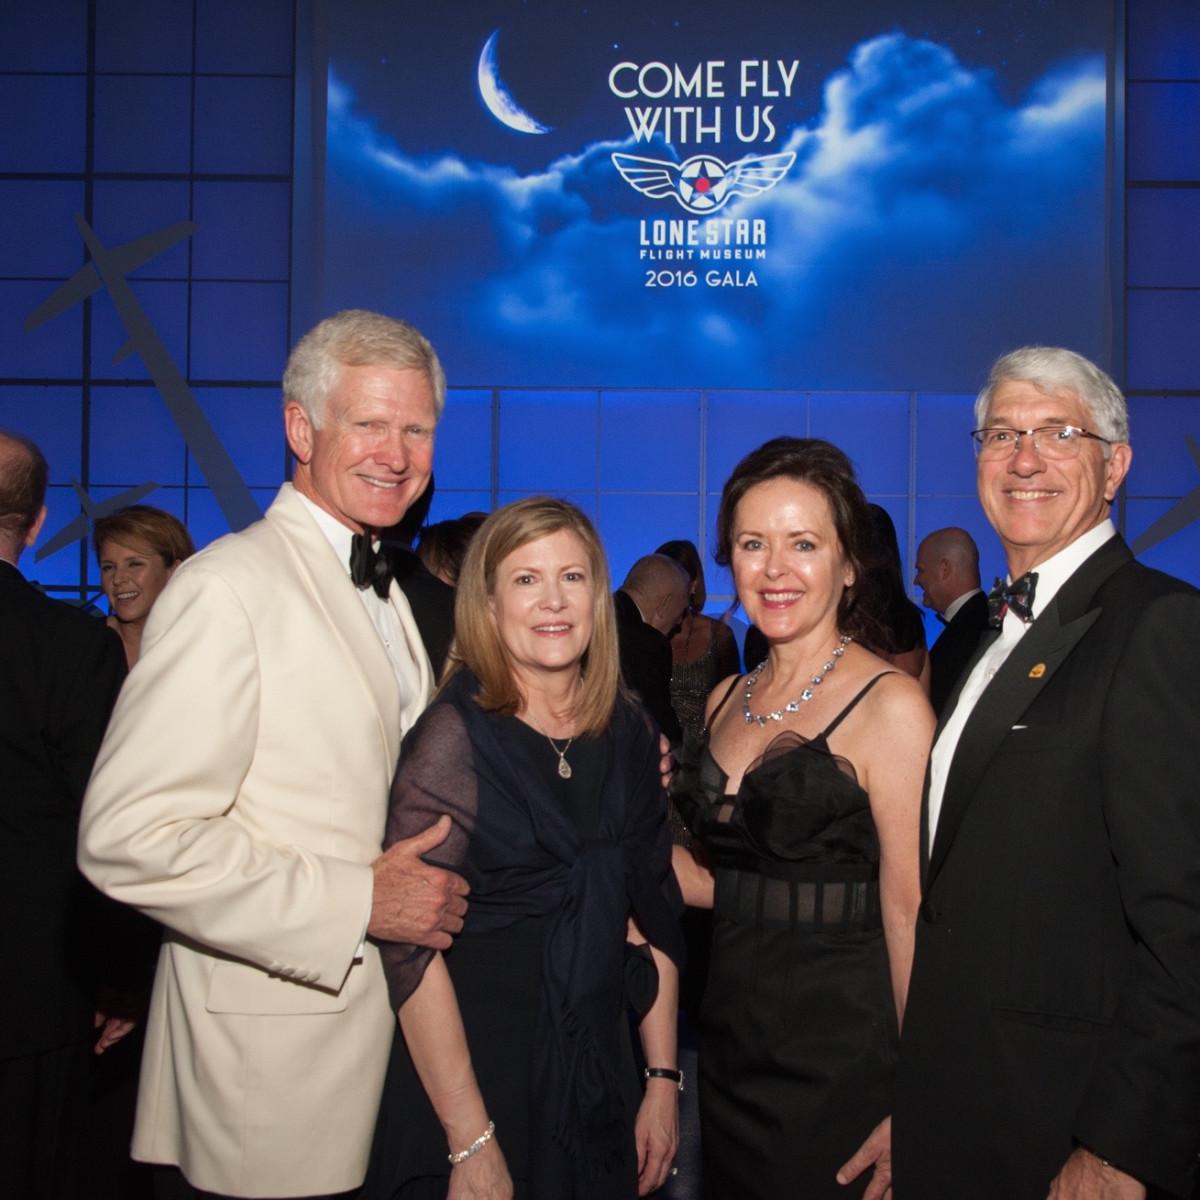 Lone Star Flight Museum gala 5/16 Barry Hunsaker, Linda Hunsaker, Karen Rozzell, Scott Rozzell